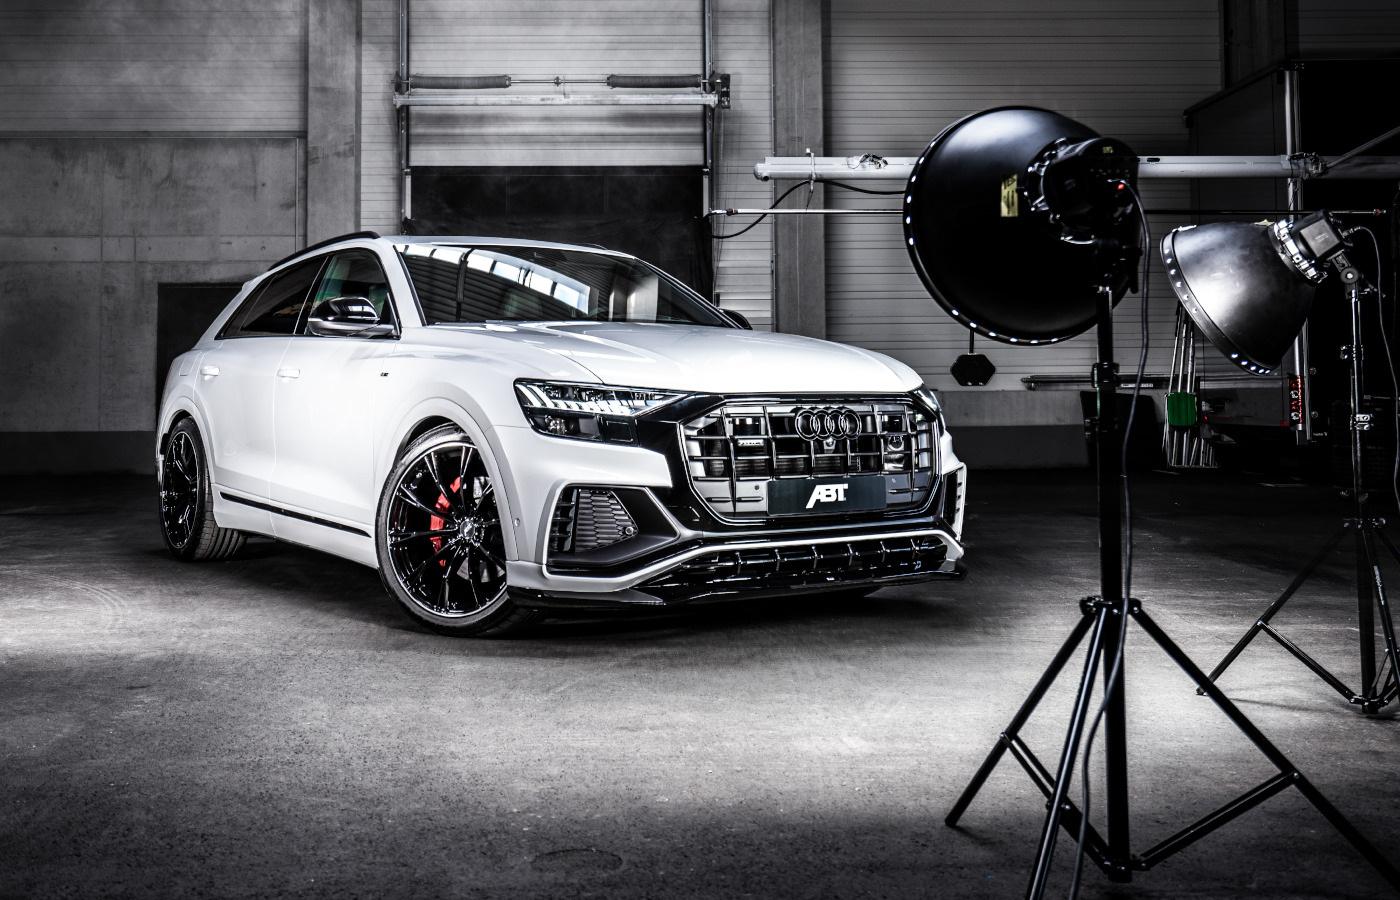 В руки обозревателей из AutoTopNL попал редкий и дорогой кроссовер Audi RSQ8-R. Тюнинг-ателье ABT Sportsline анонсировало выпуск всего 125 таких автомобилей, и каждому досталась форсировка до 730 л.с. и 920 Нм тяги.